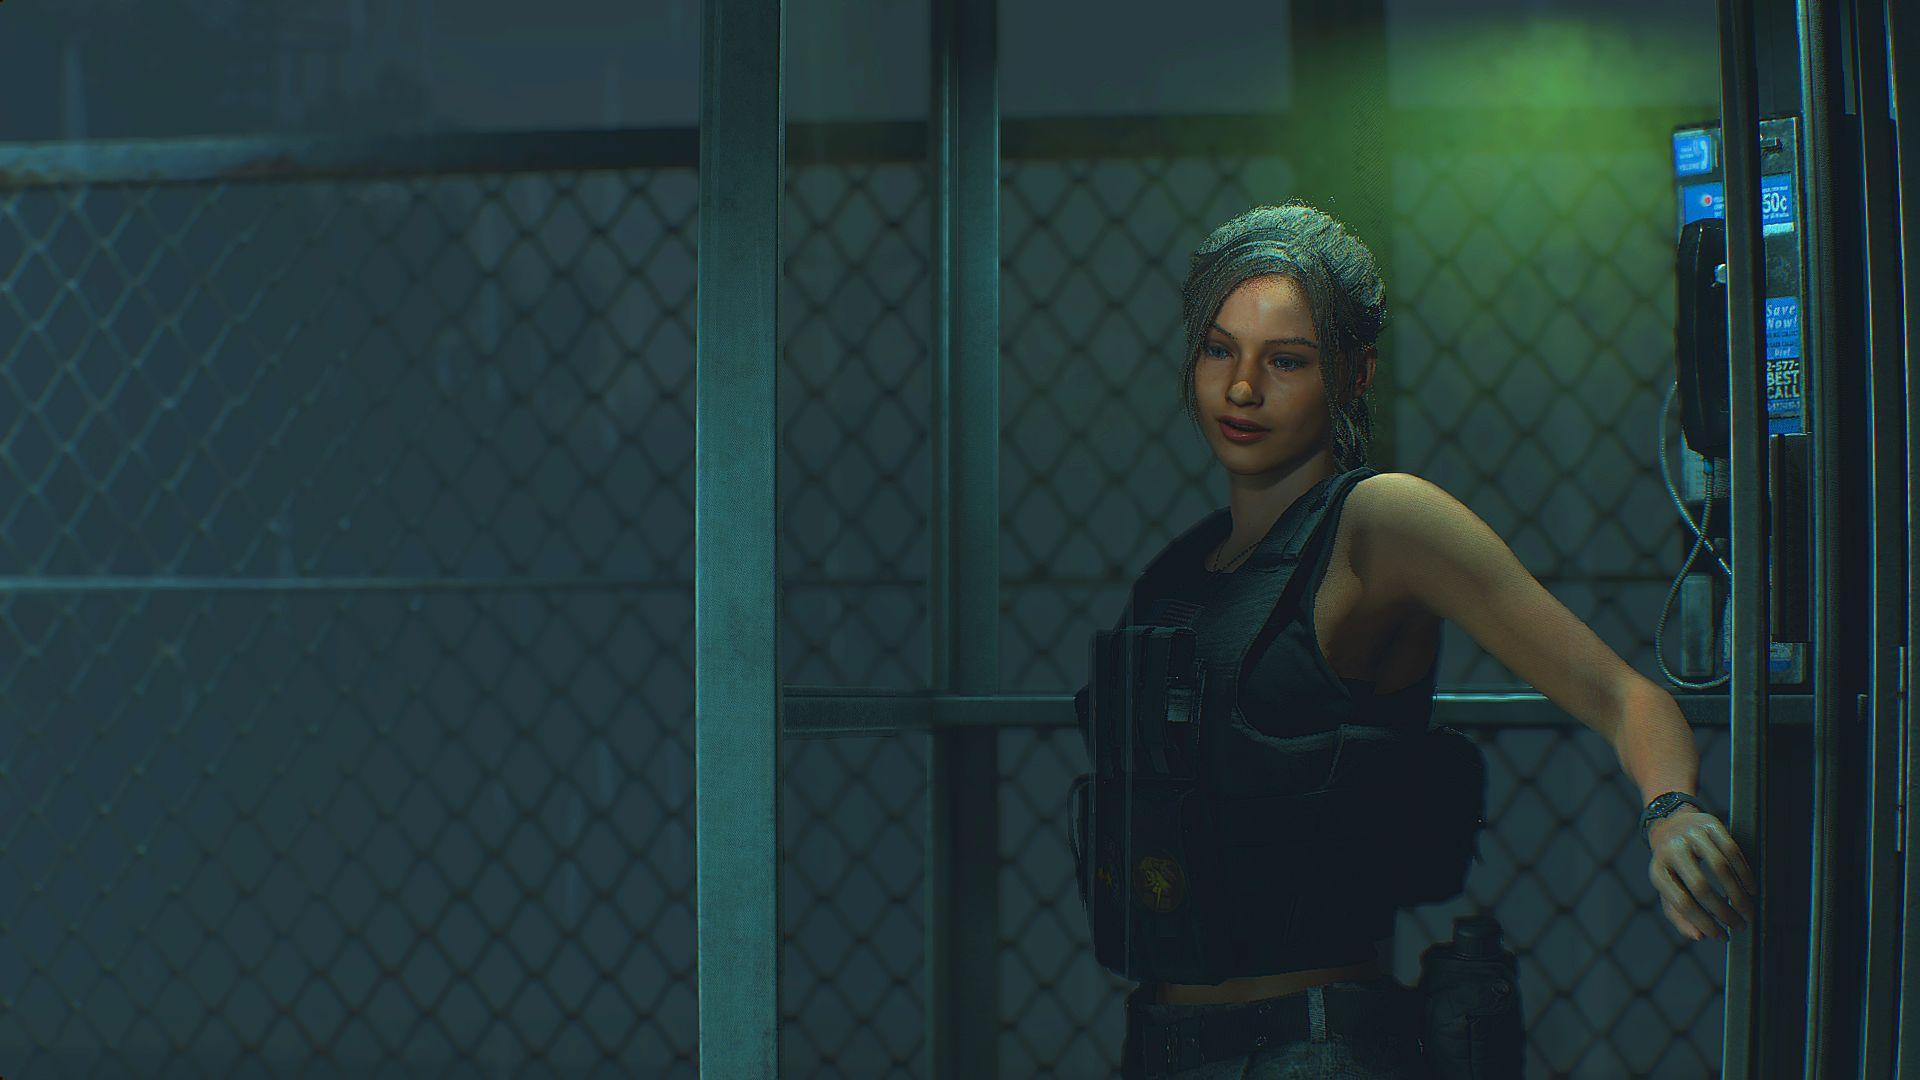 000183.Jpg - Resident Evil 2